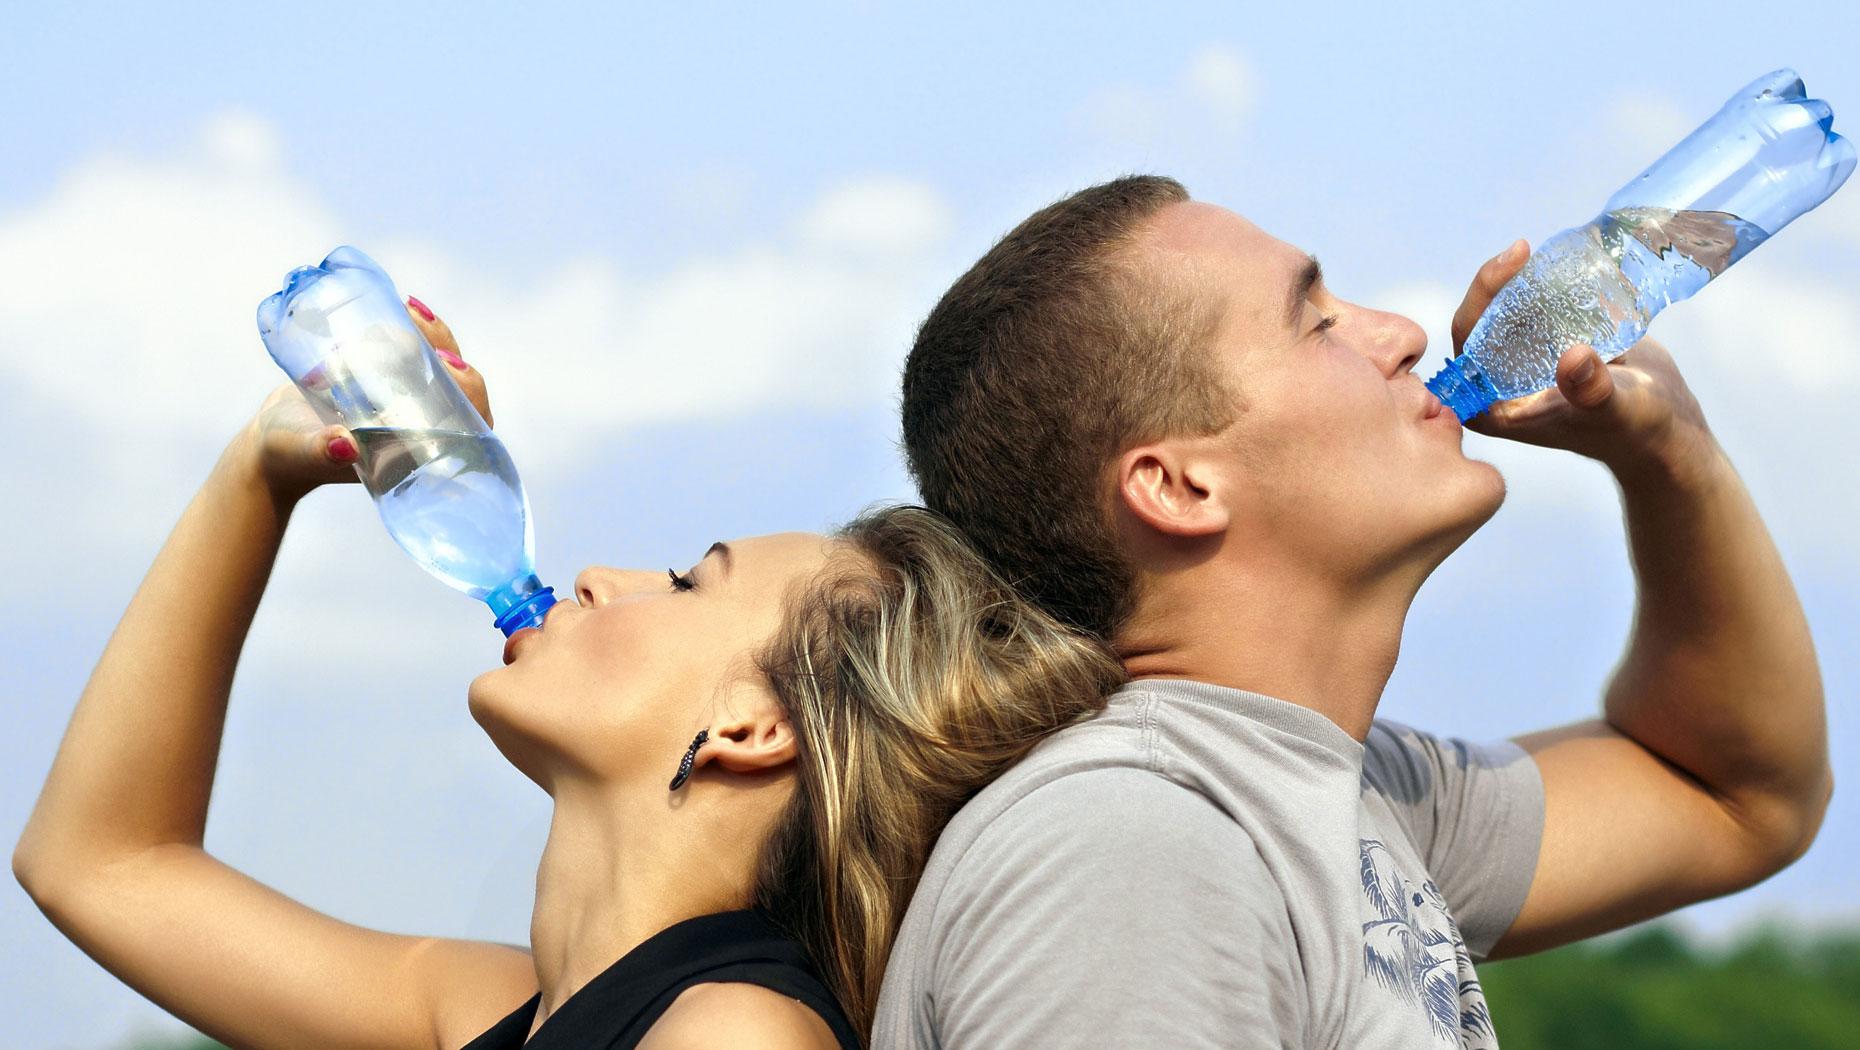 دراسة: قلة الماء في الجسم تؤدي لزيادة الوزن